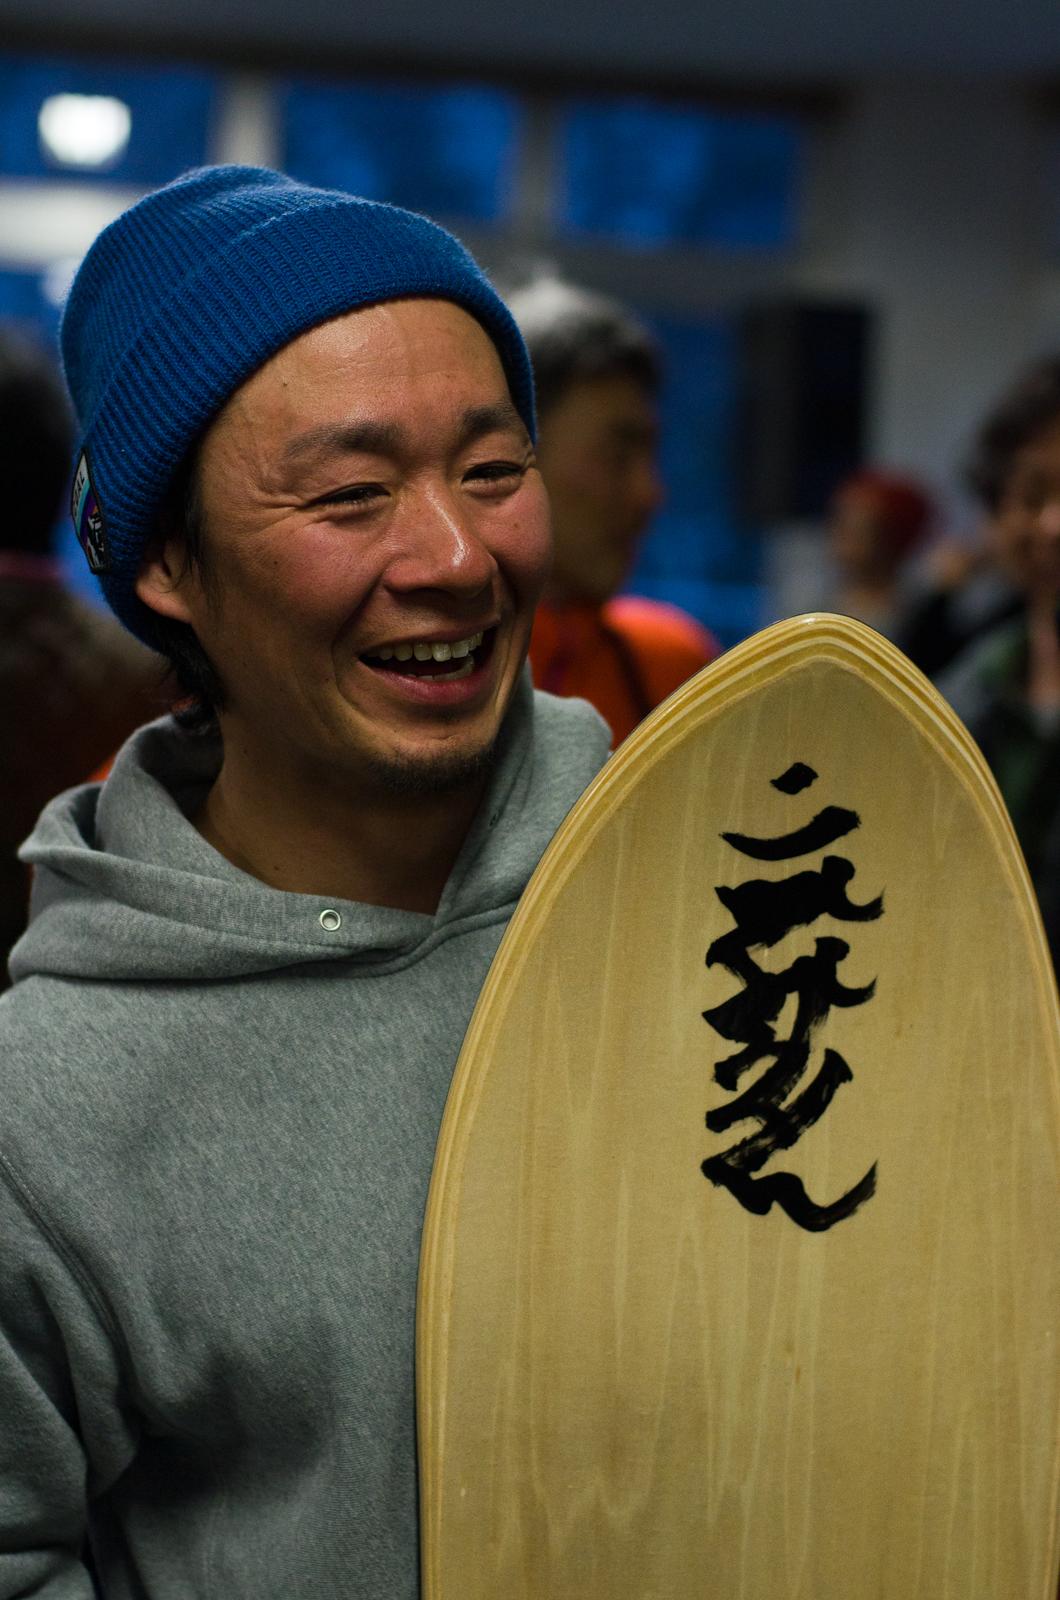 tenjin_banked_slalom_2016-3264